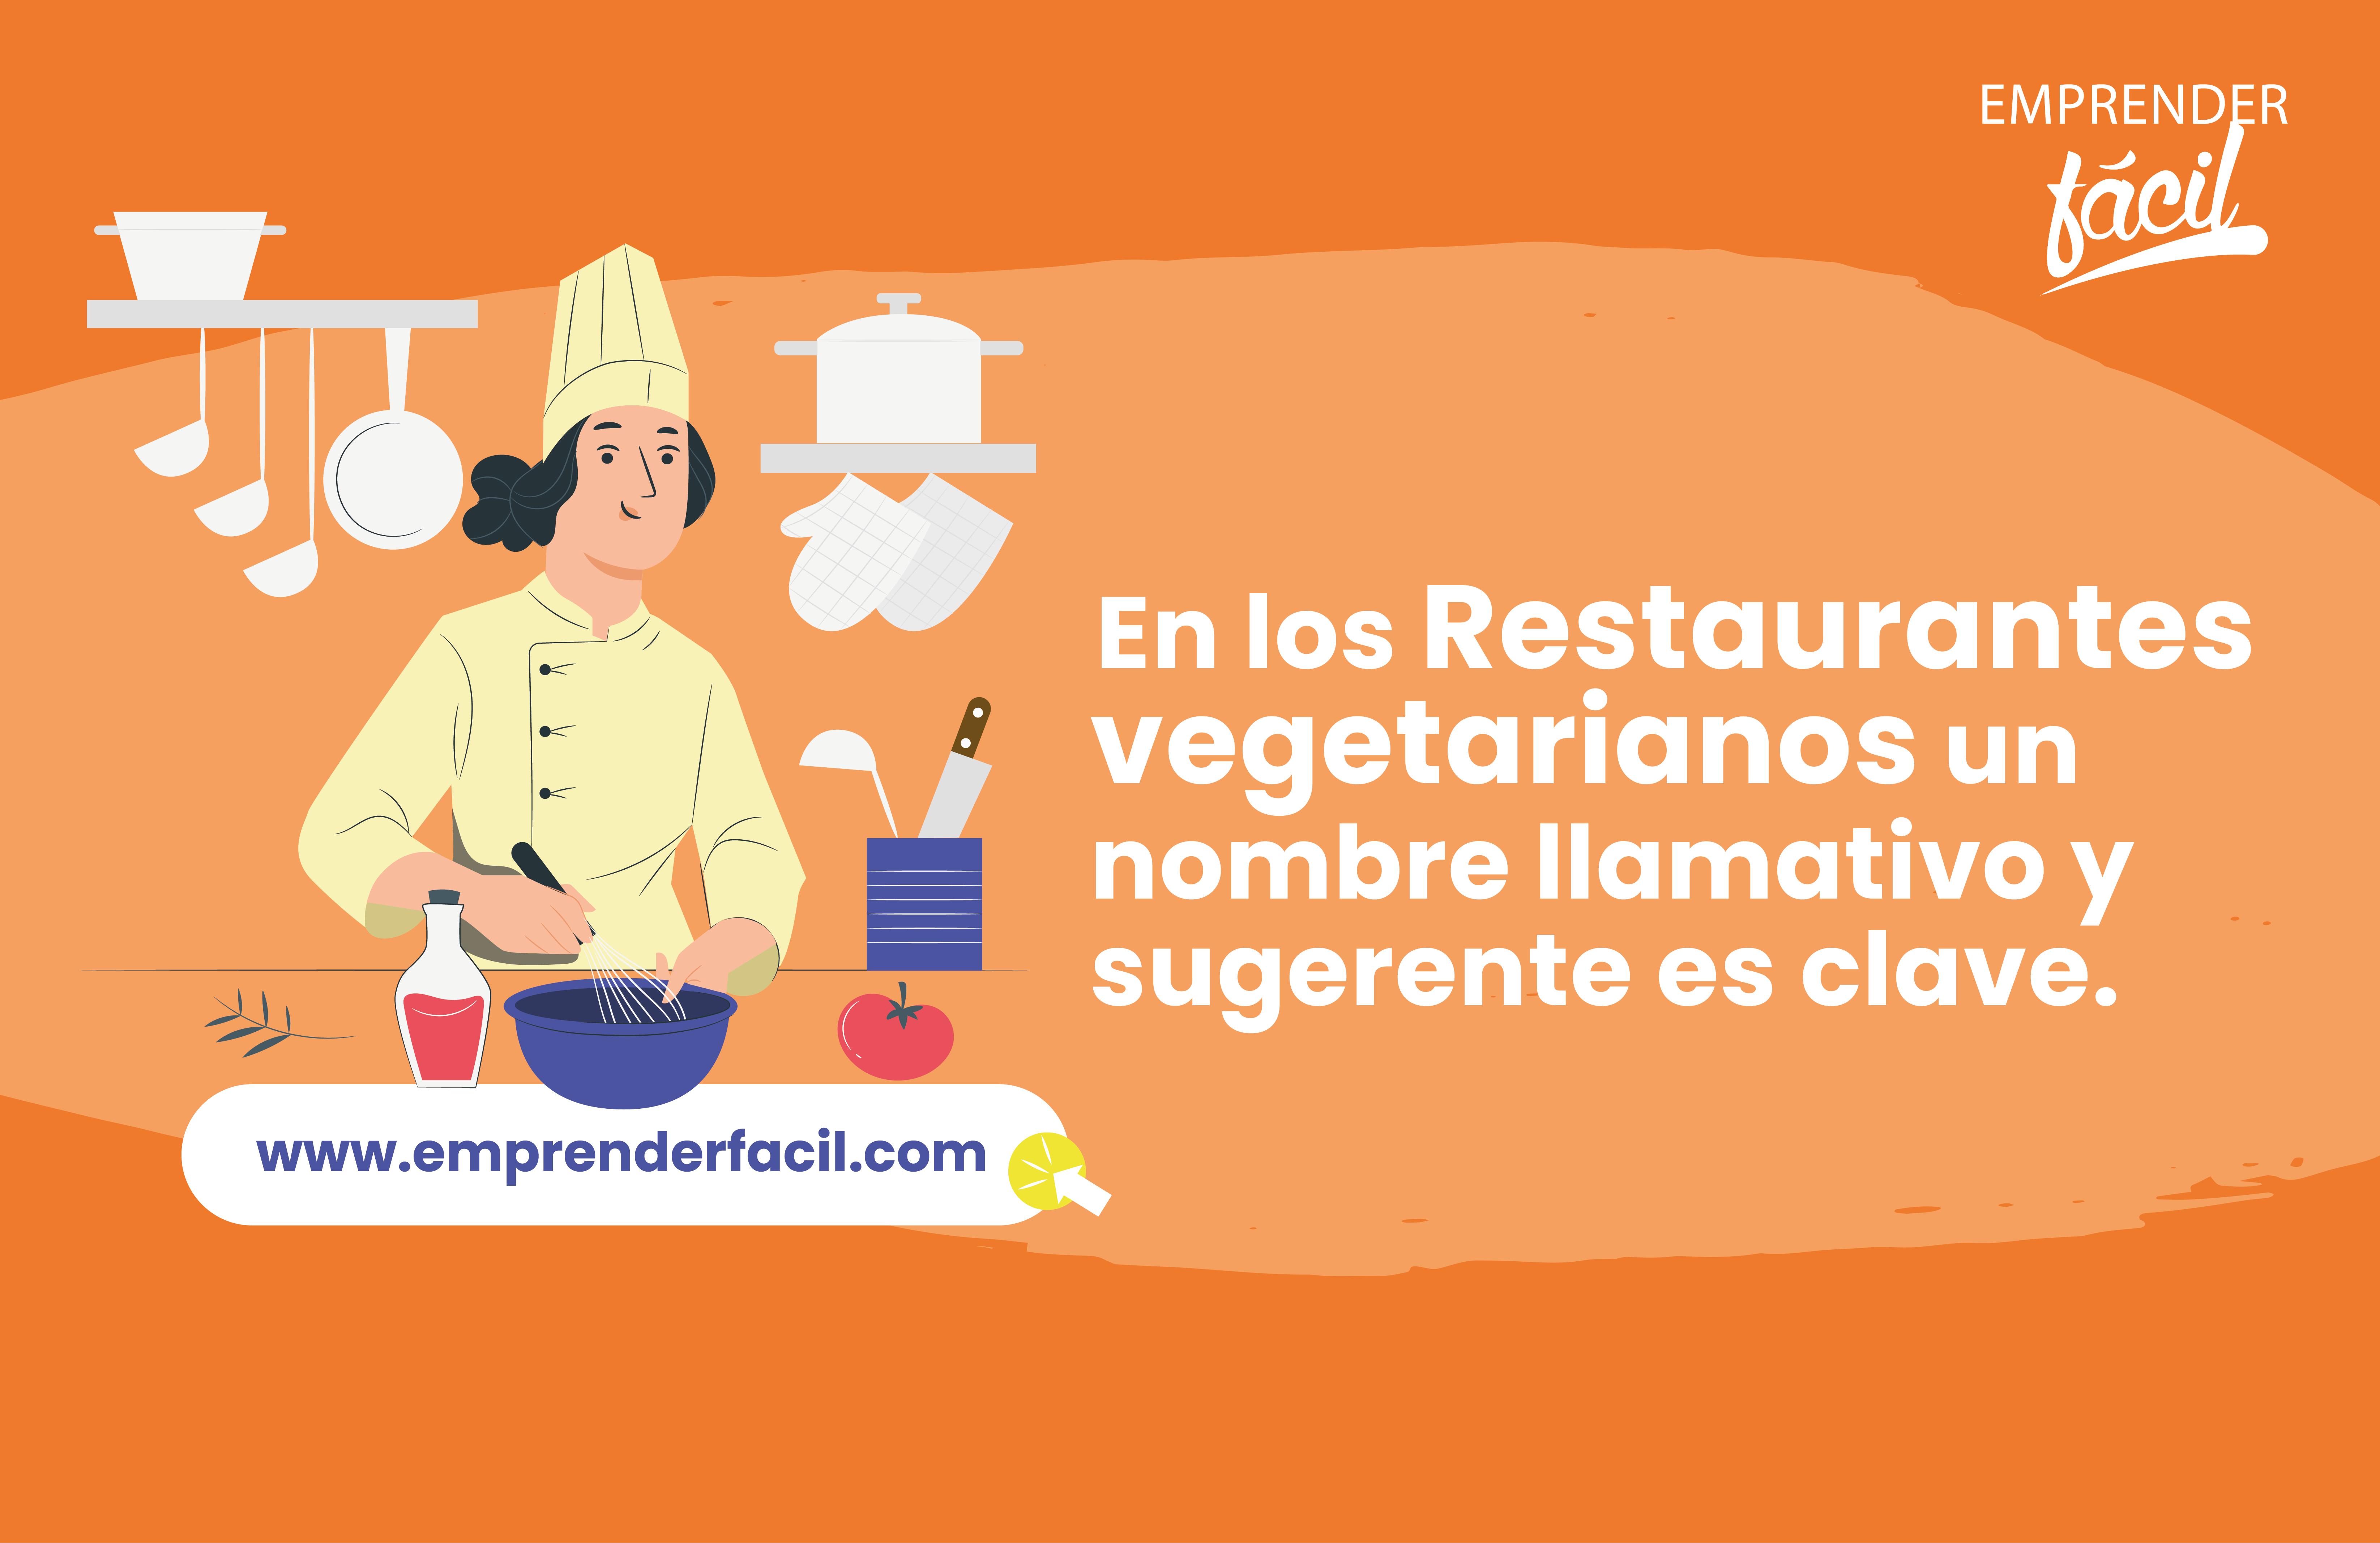 En los Restaurantes vegetarianos un nombre llamativo y sugerente es clave.